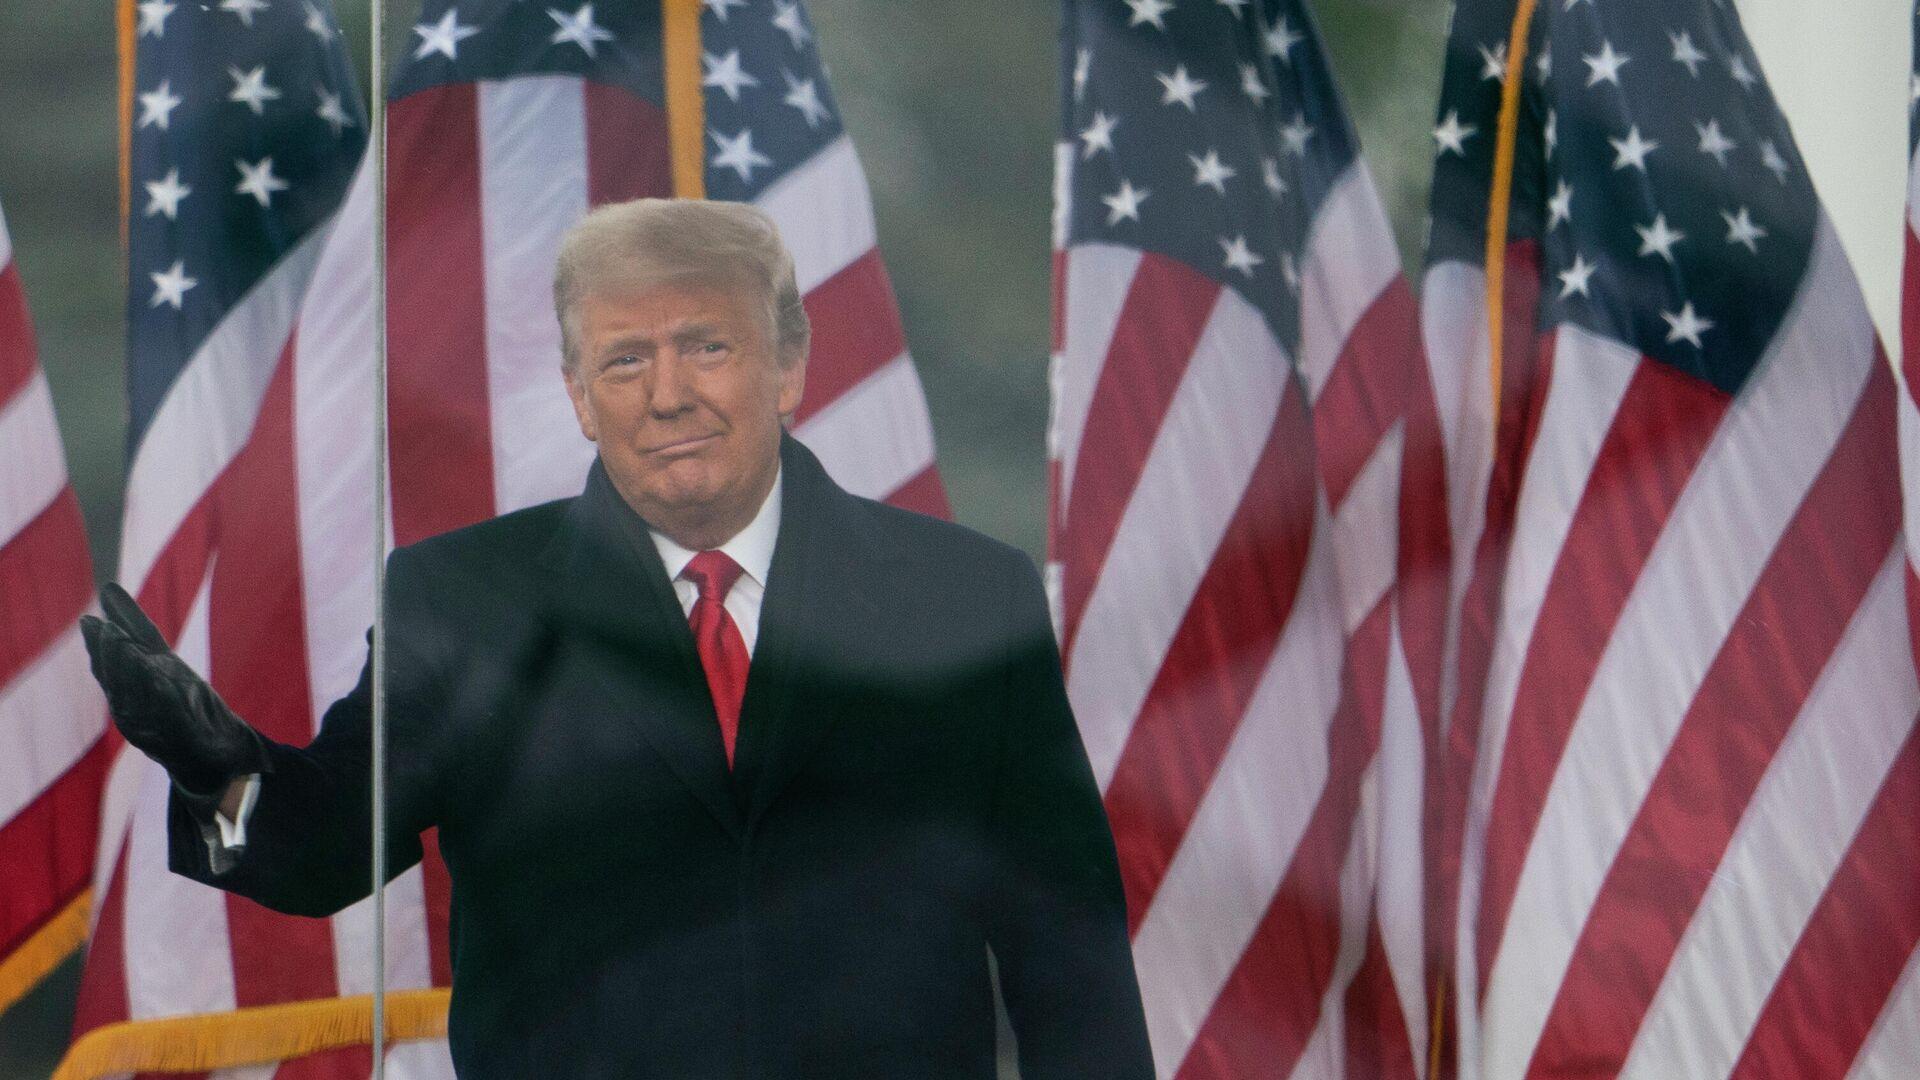 Президент Дональд Трамп выступает на митинге в Вашингтоне - РИА Новости, 1920, 12.01.2021